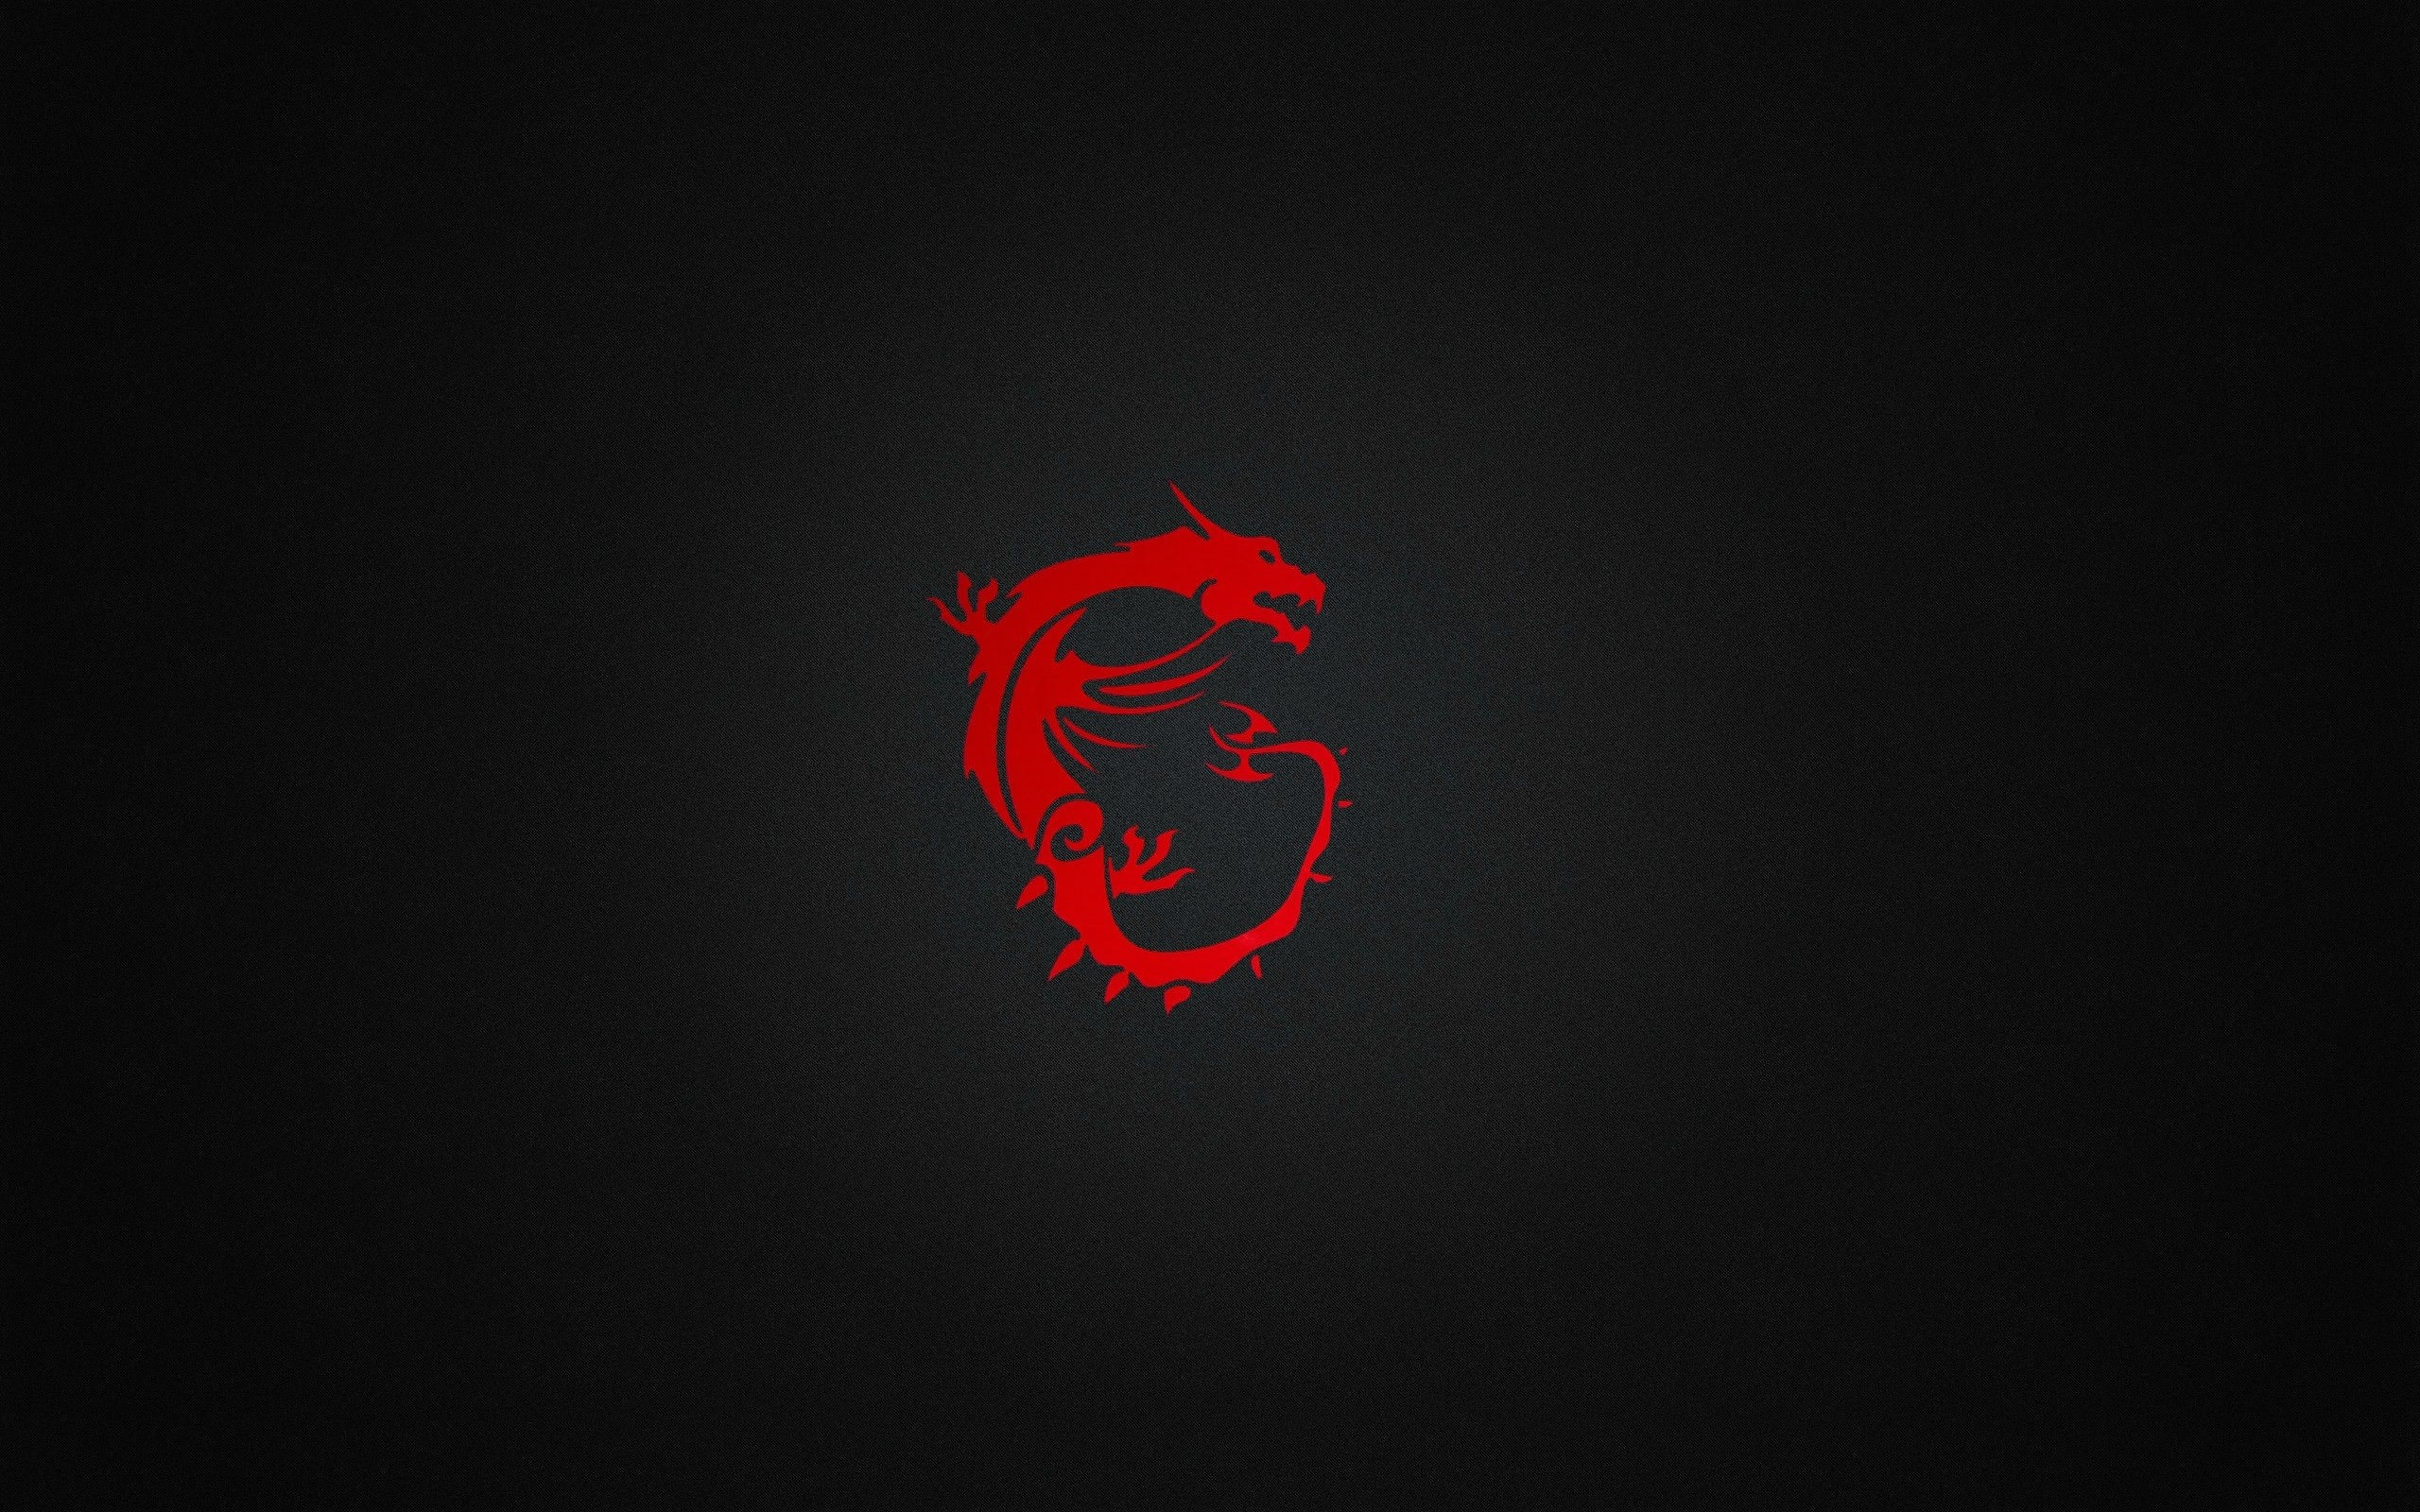 Msi gaming dragon wallpaper 86 images - Msi logo wallpaper ...